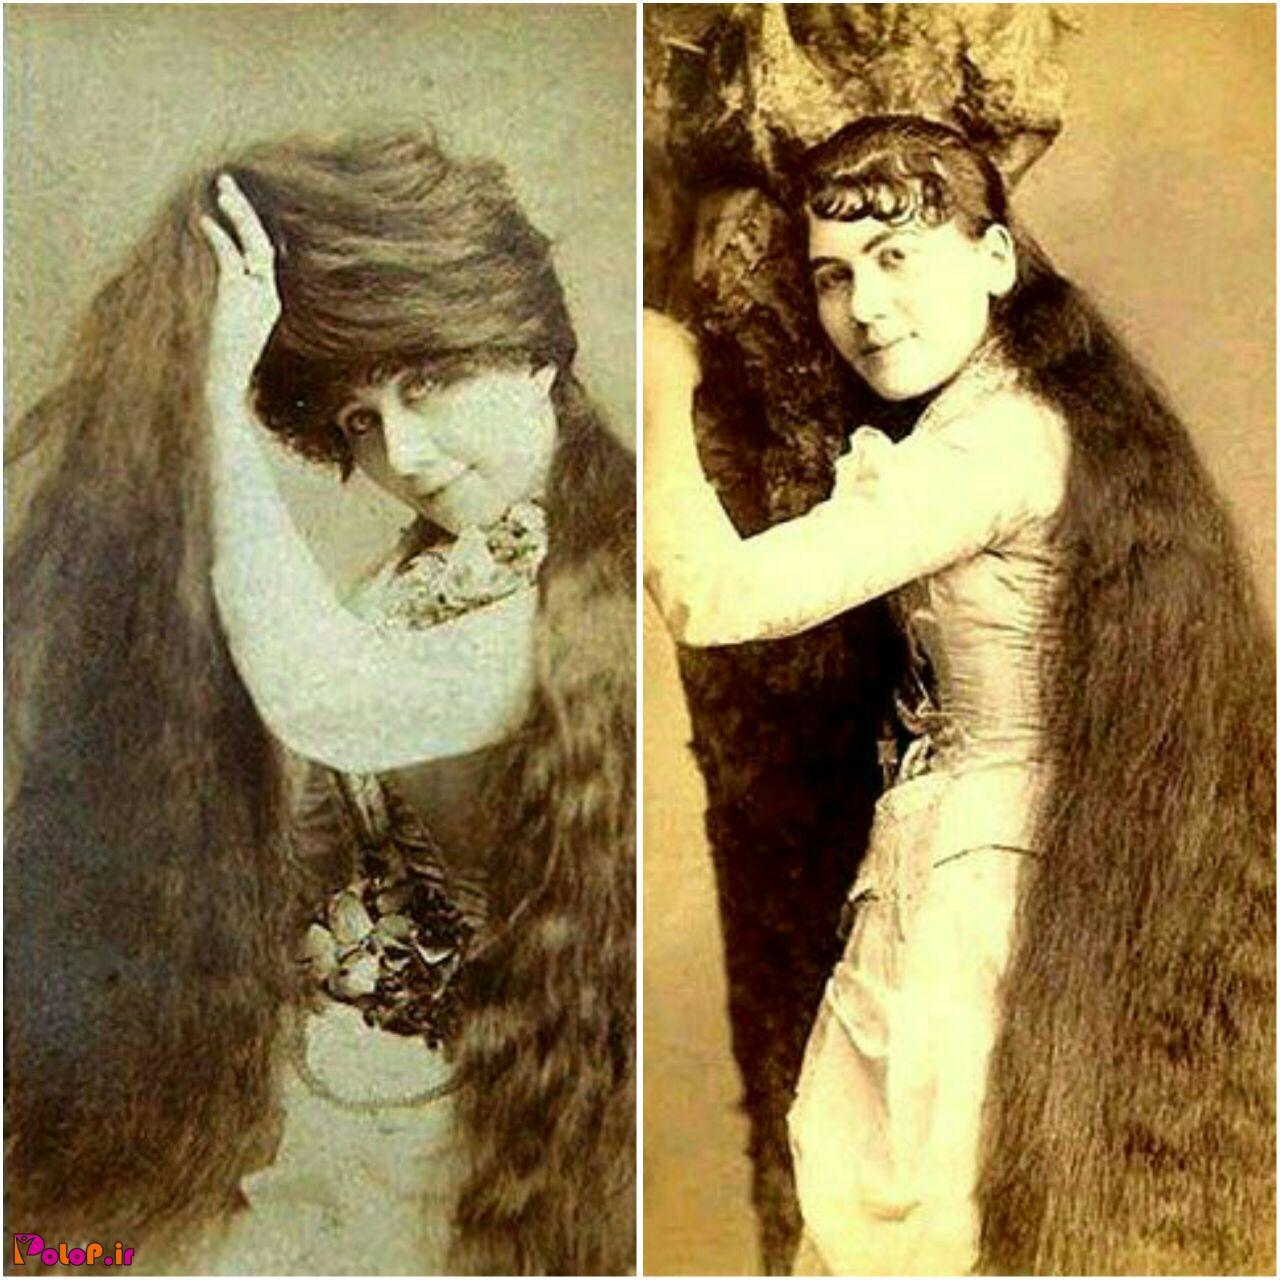 قرن نوزدهم روستاییان سراسر اروپا موهای